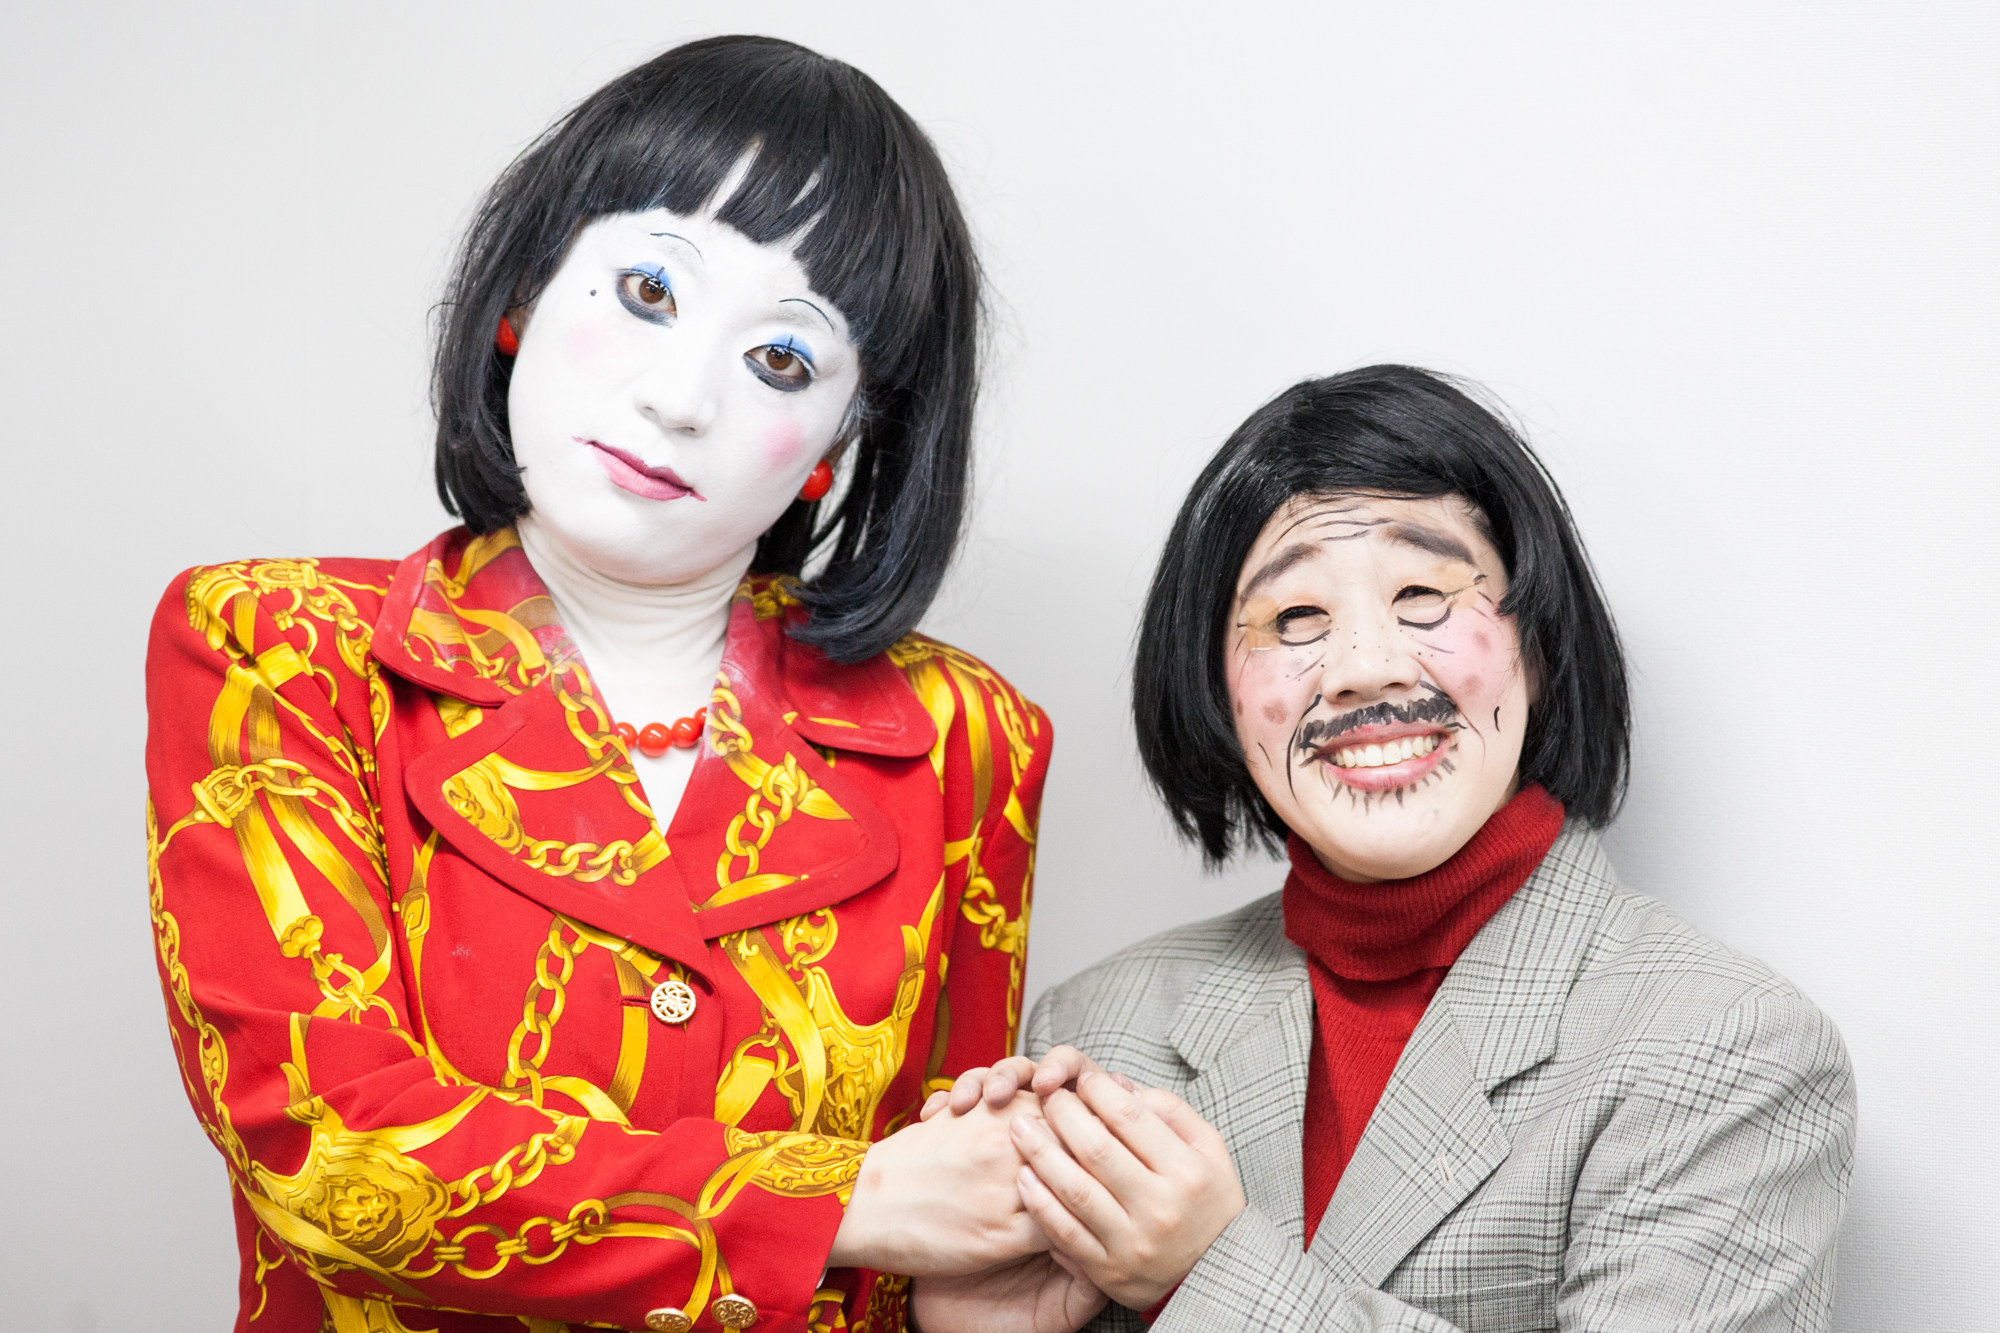 大ブレイクで借金完済!日本エレキテル連合の借金の理由とは?のサムネイル画像